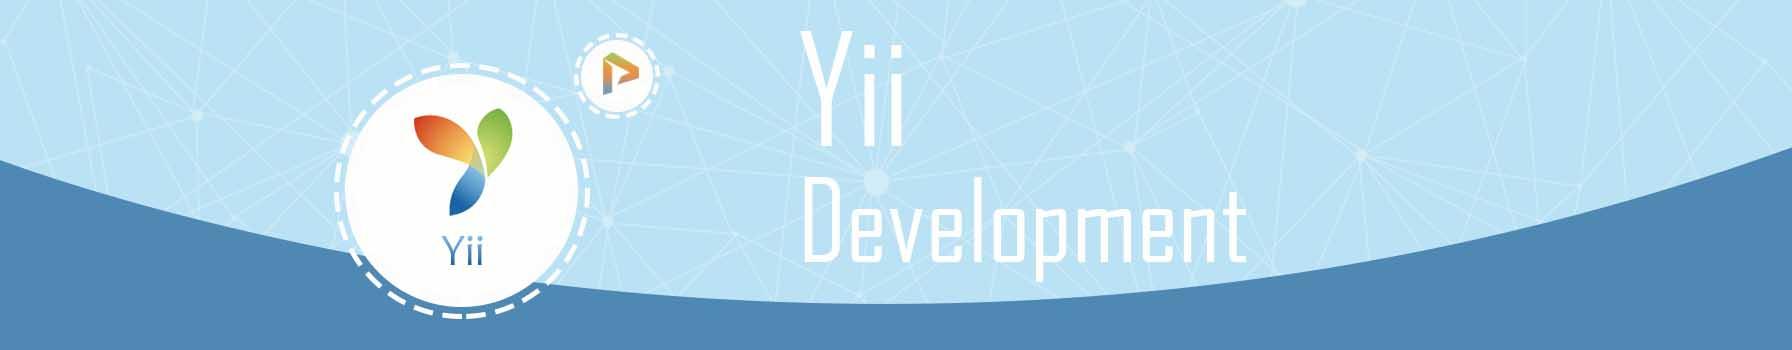 yii-development.jpg